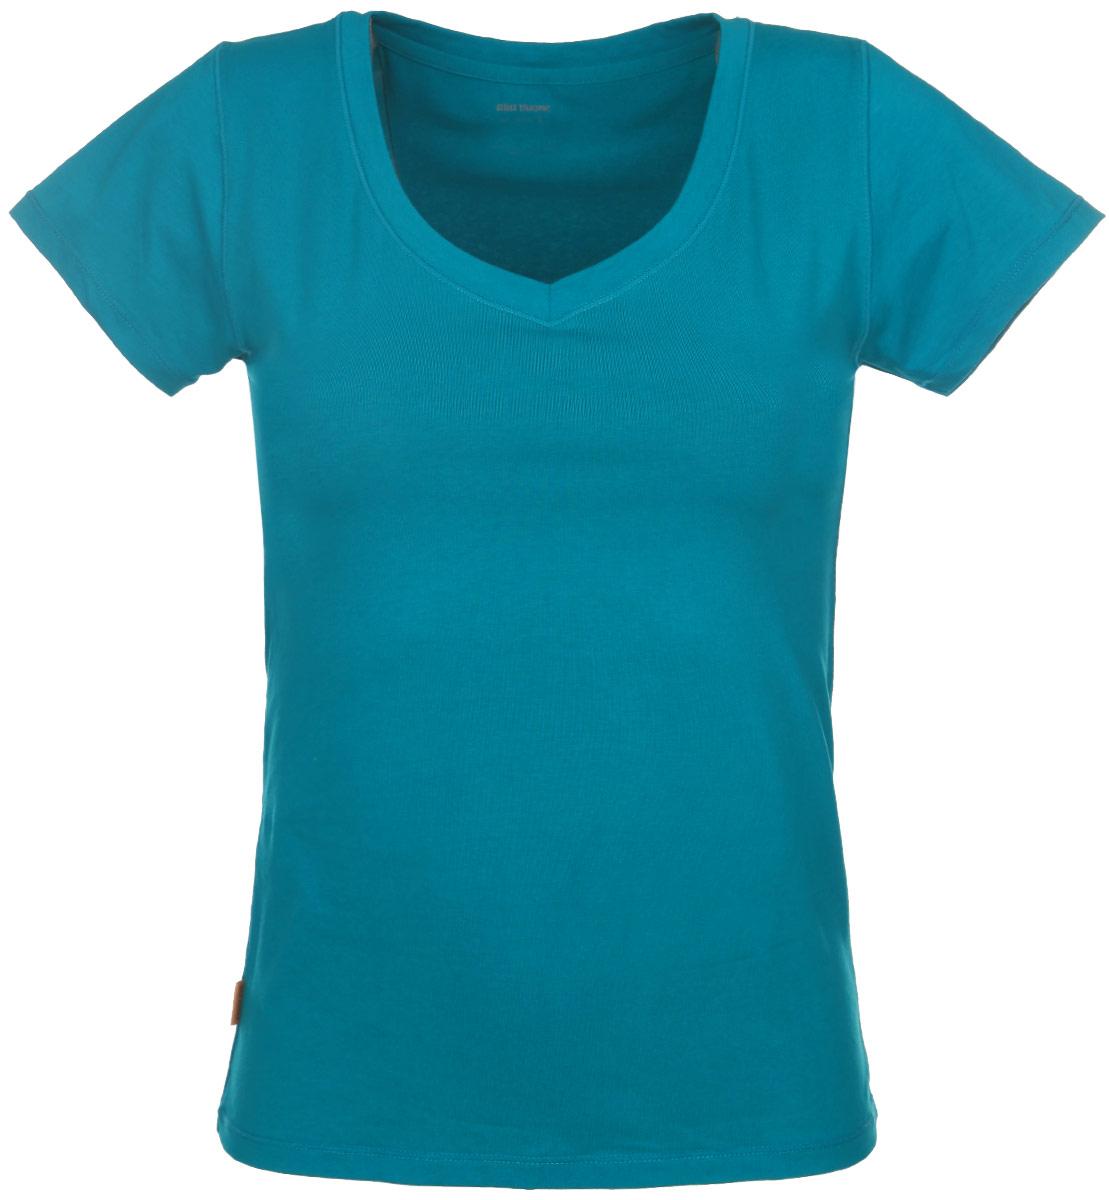 Футболка женская Alla Buone Liscio, цвет: изумрудный. 7047. Размер S (42/44)7047Женская футболка Alla Buone Liscio, выполненная из эластичного хлопка, идеально подойдет для повседневной носки. Материал изделия мягкий, тактильно приятный, не сковывает движения и позволяет коже дышать.Футболка с V-образным вырезом горловины и короткими рукавами имеет слегка приталенный силуэт. Вырез горловины оформлен мягкой окантовочной лентой. Изделие дополнено фирменным логотипом, вшитым в боковой шов.Такая модель будет дарить вам комфорт в течение всего дня и станет отличным дополнением к вашему гардеробу.